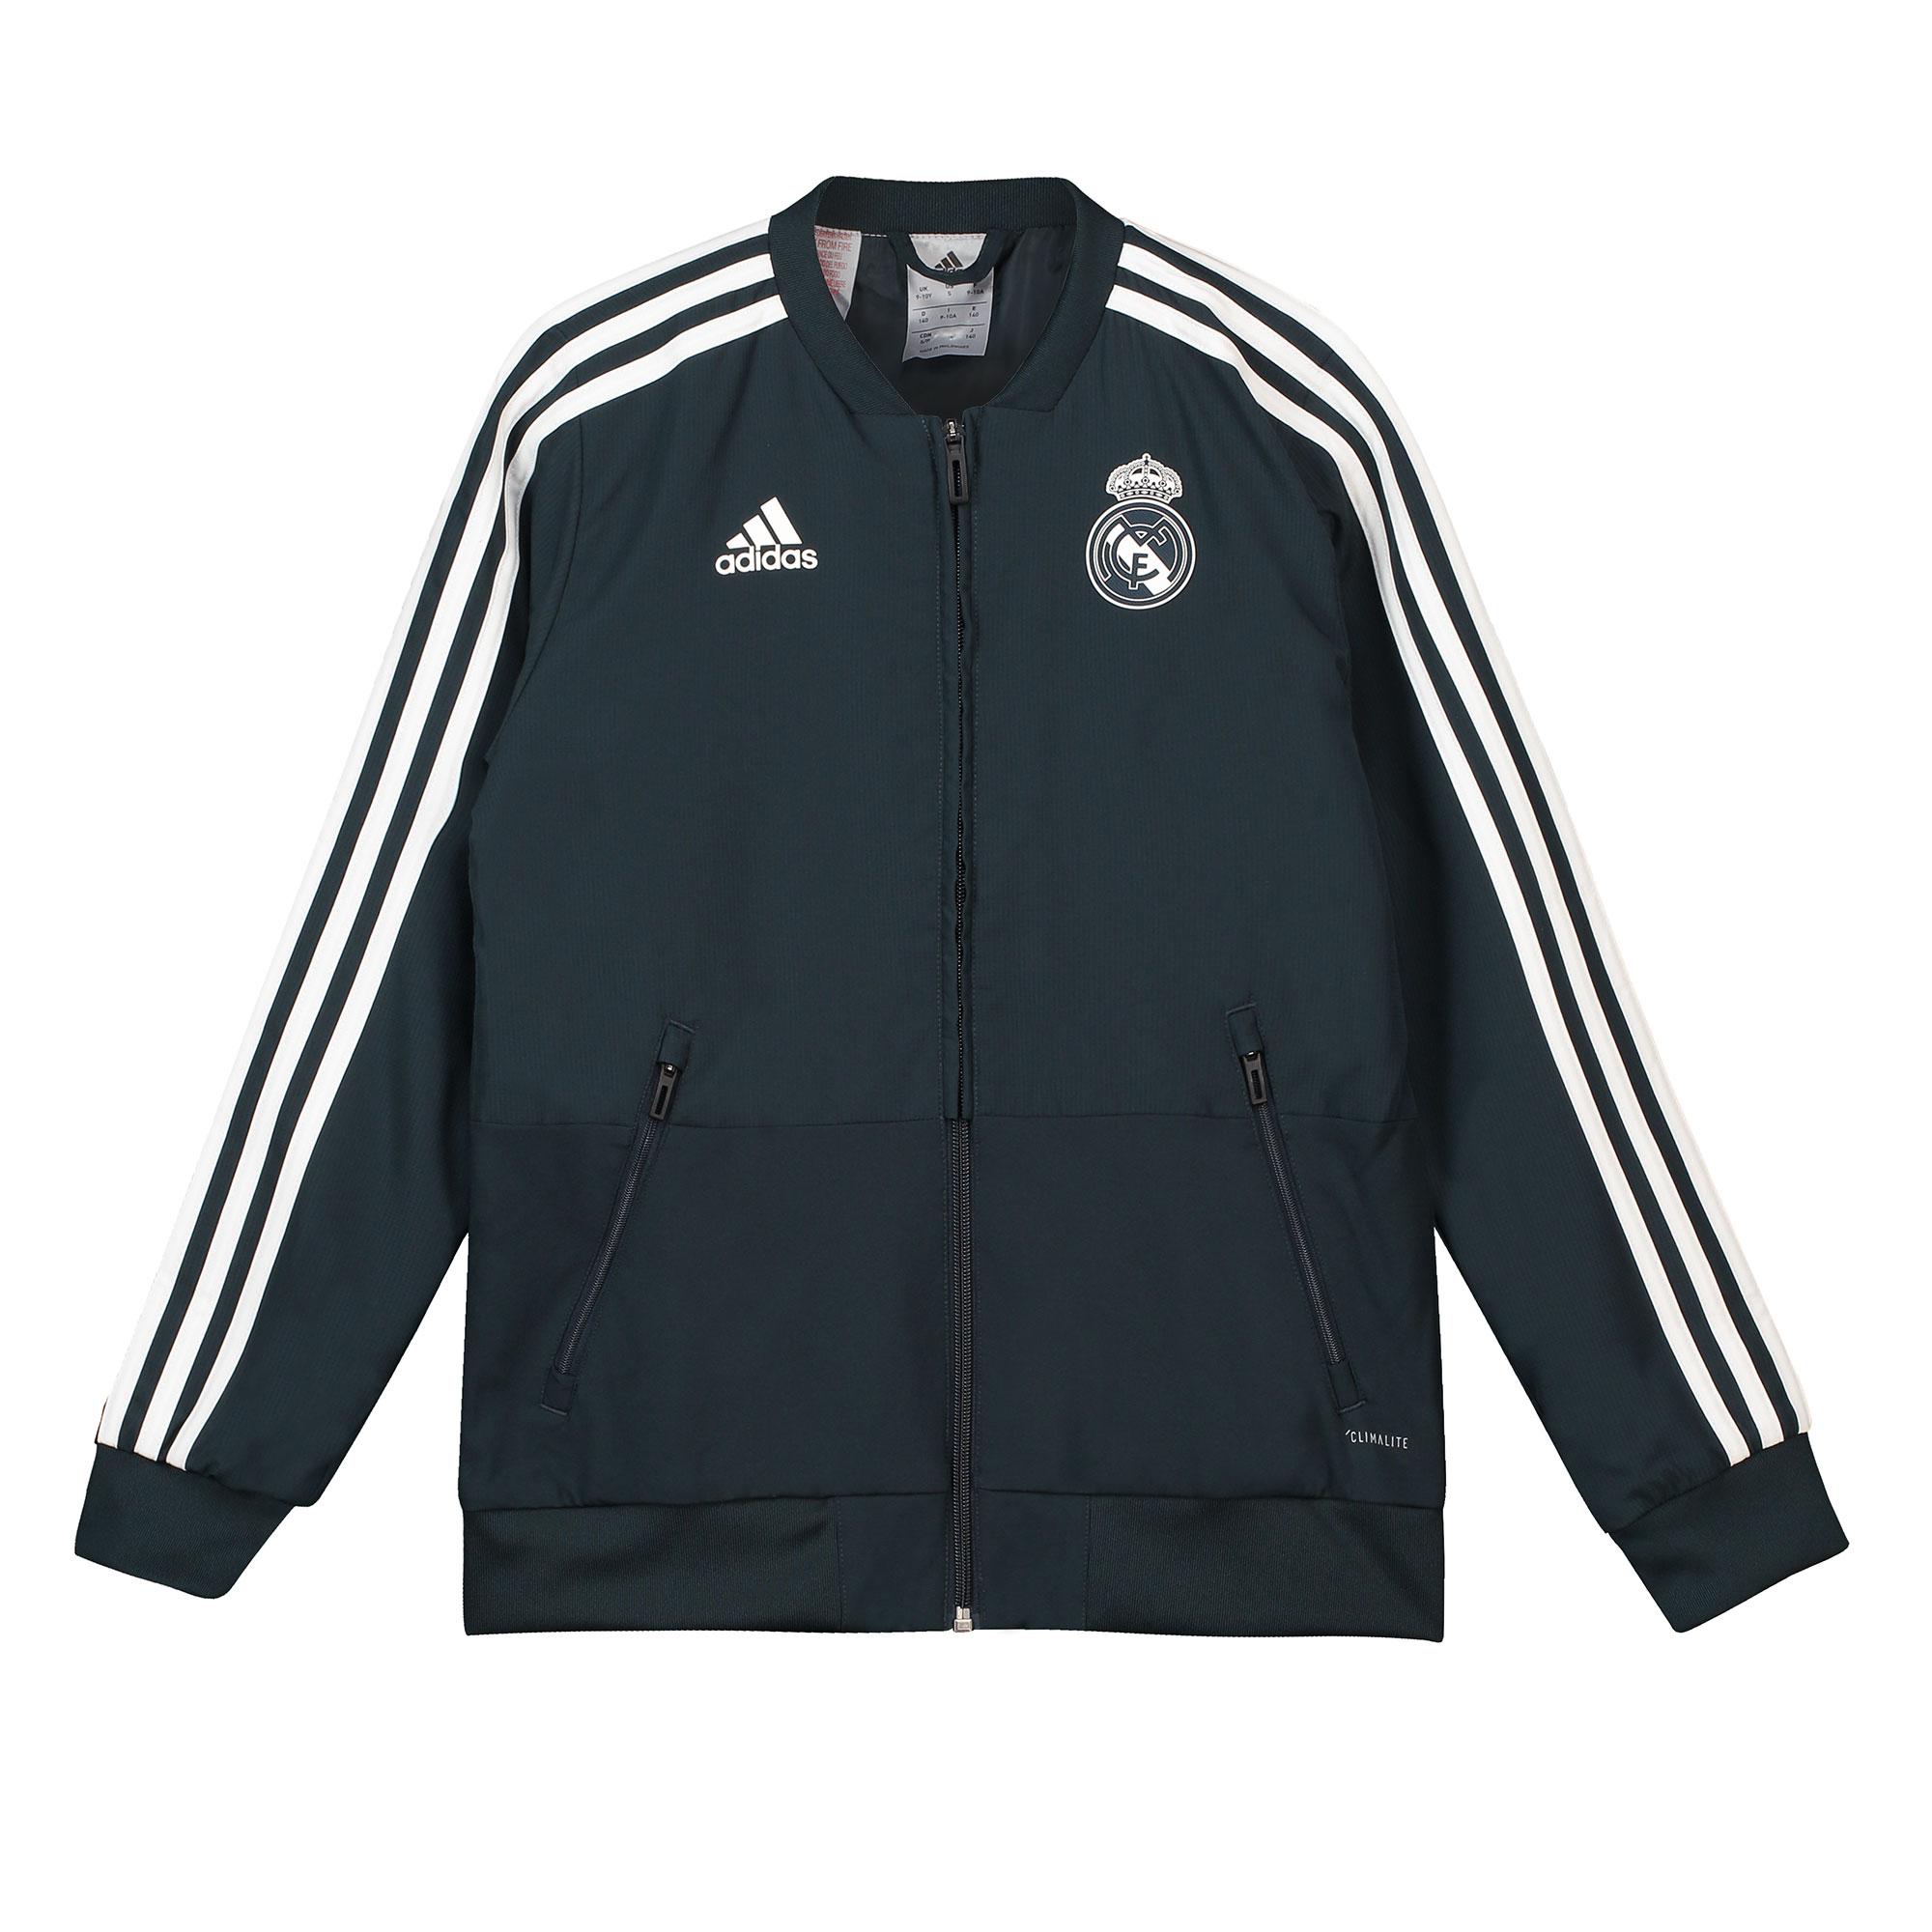 Chaqueta de tejido de entrenamiento Presentation del Real Madrid en gris oscuro para niños